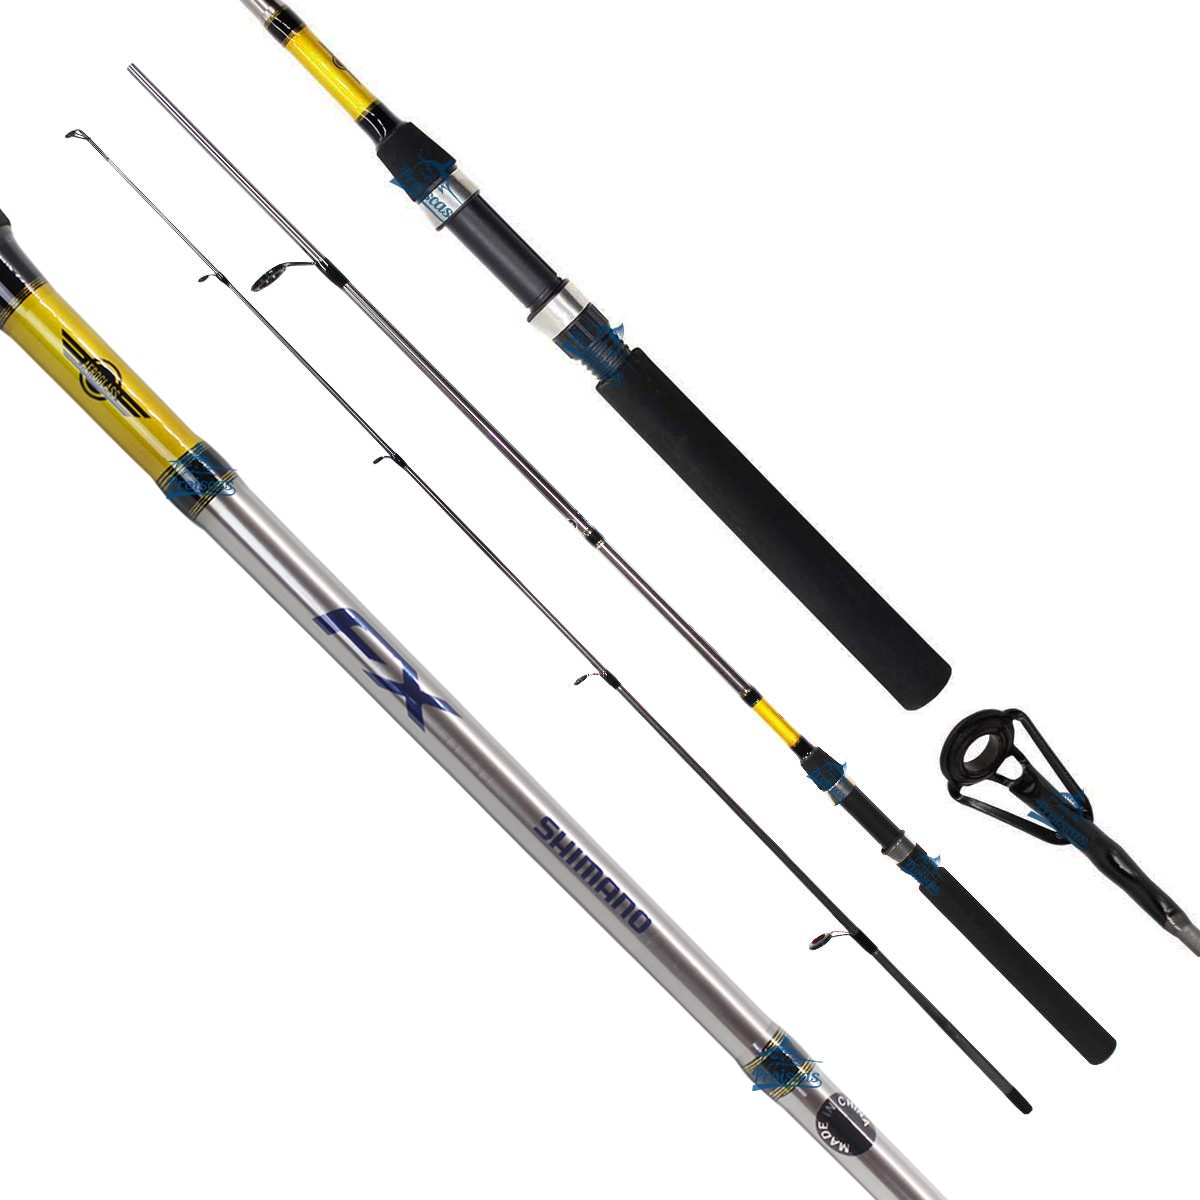 Vara Shimano Fx 562 (1,68m) 6-14lb Molinete 2 Partes  - Pesca Adventure